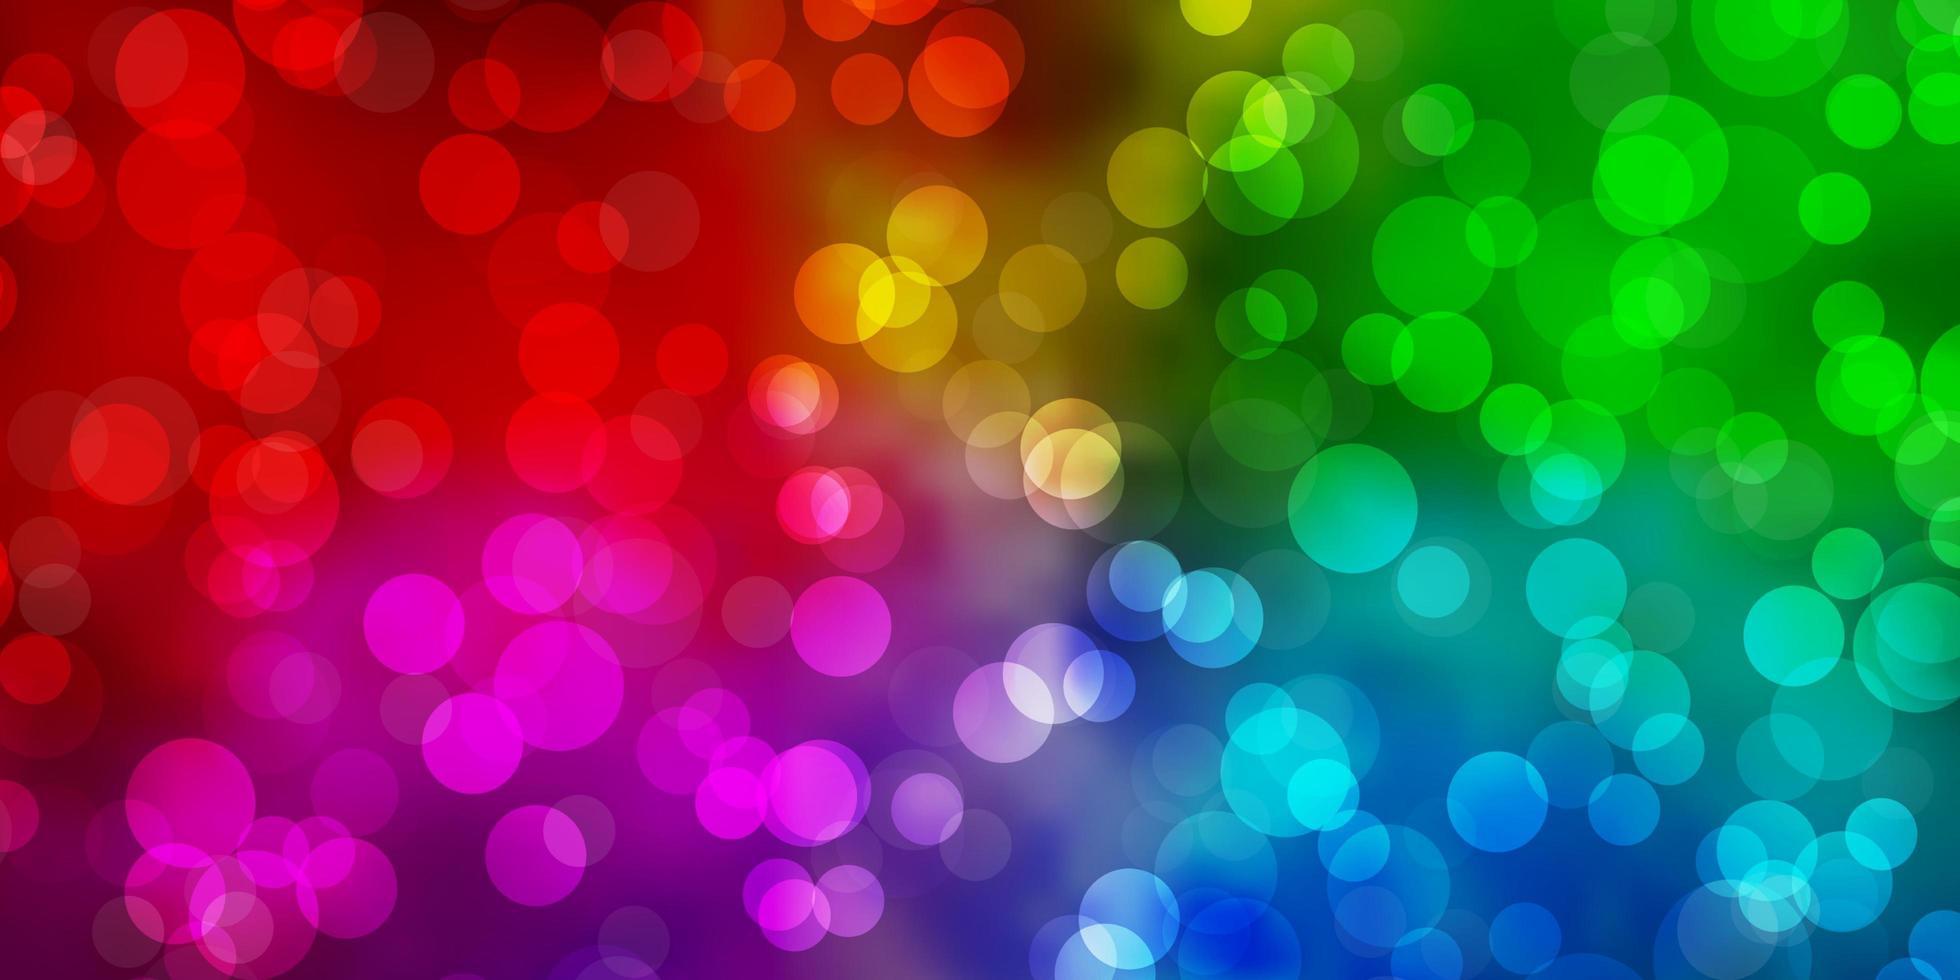 toile de fond de vecteur multicolore clair avec des cercles.